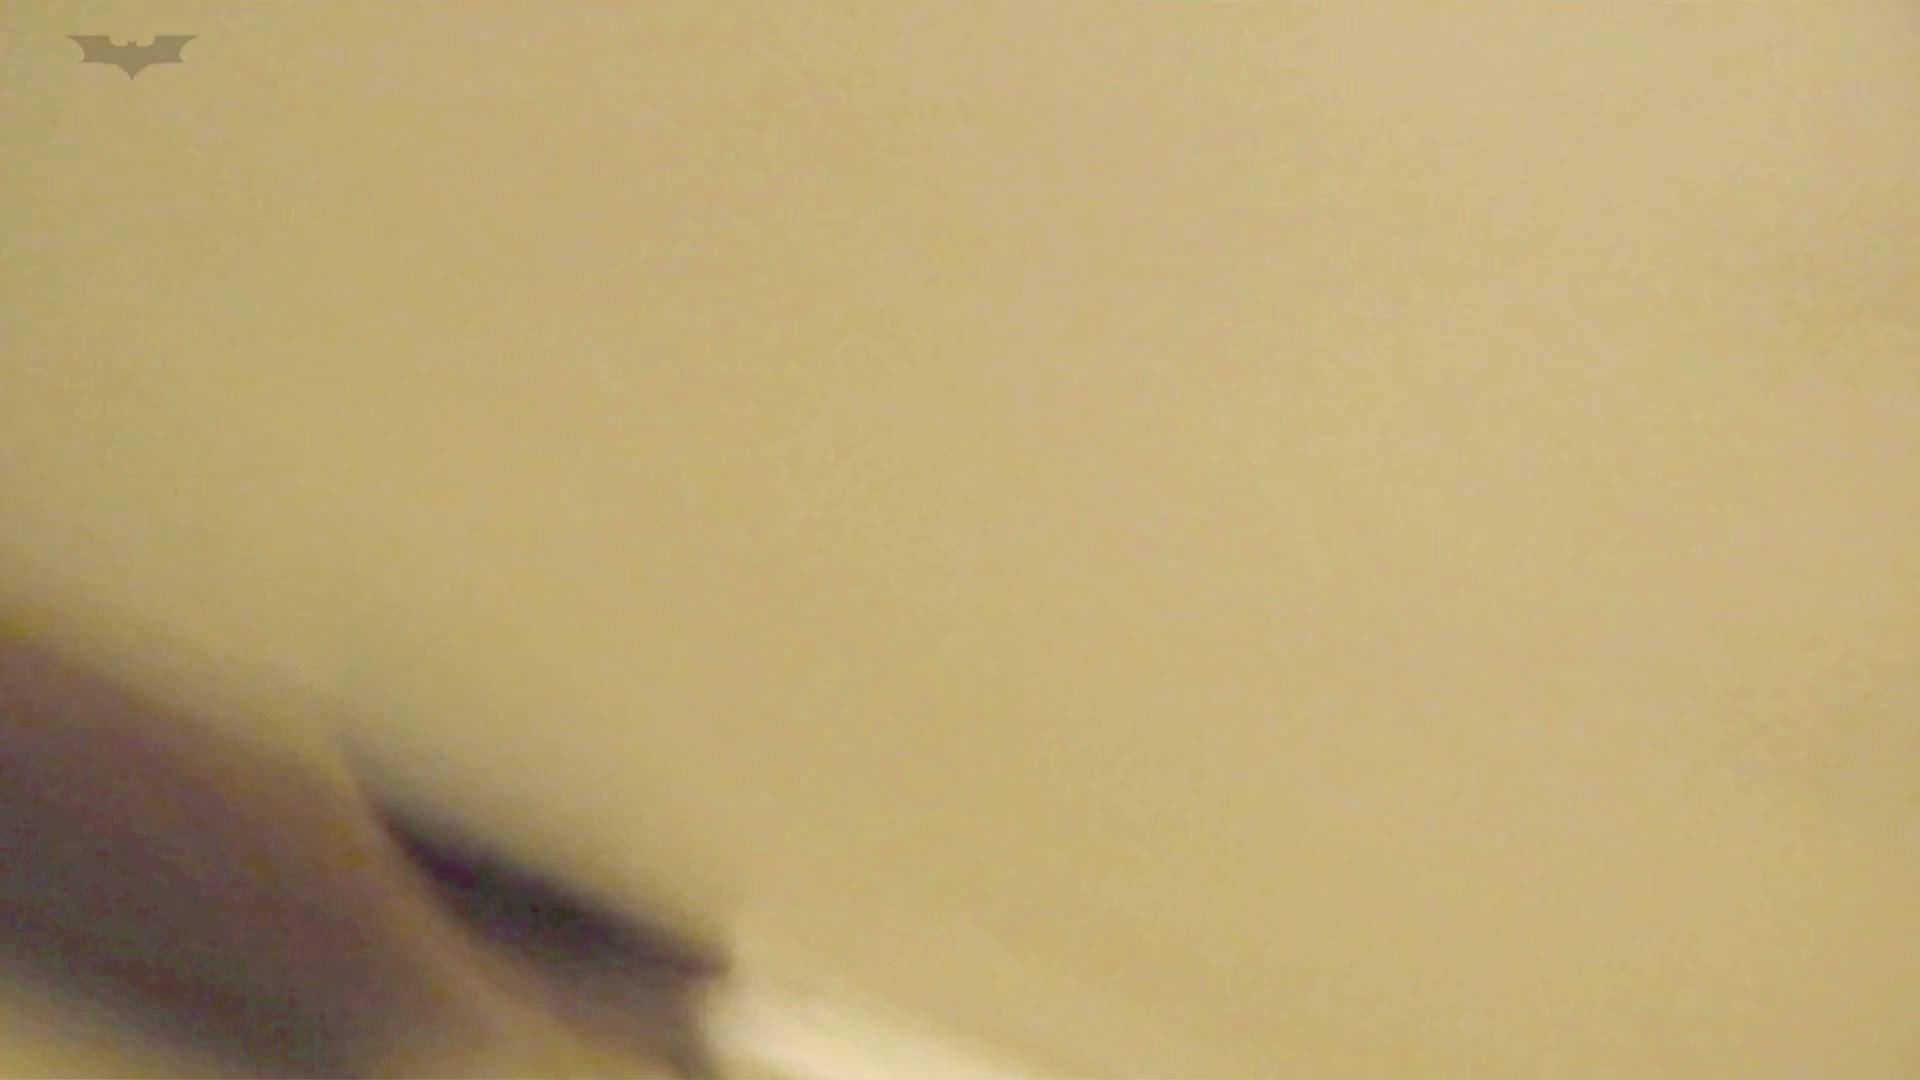 新世界の射窓 No73 185cm!スニーカーでも頭がでちゃうモデル特集 丸見え おまんこ無修正動画無料 77枚 68